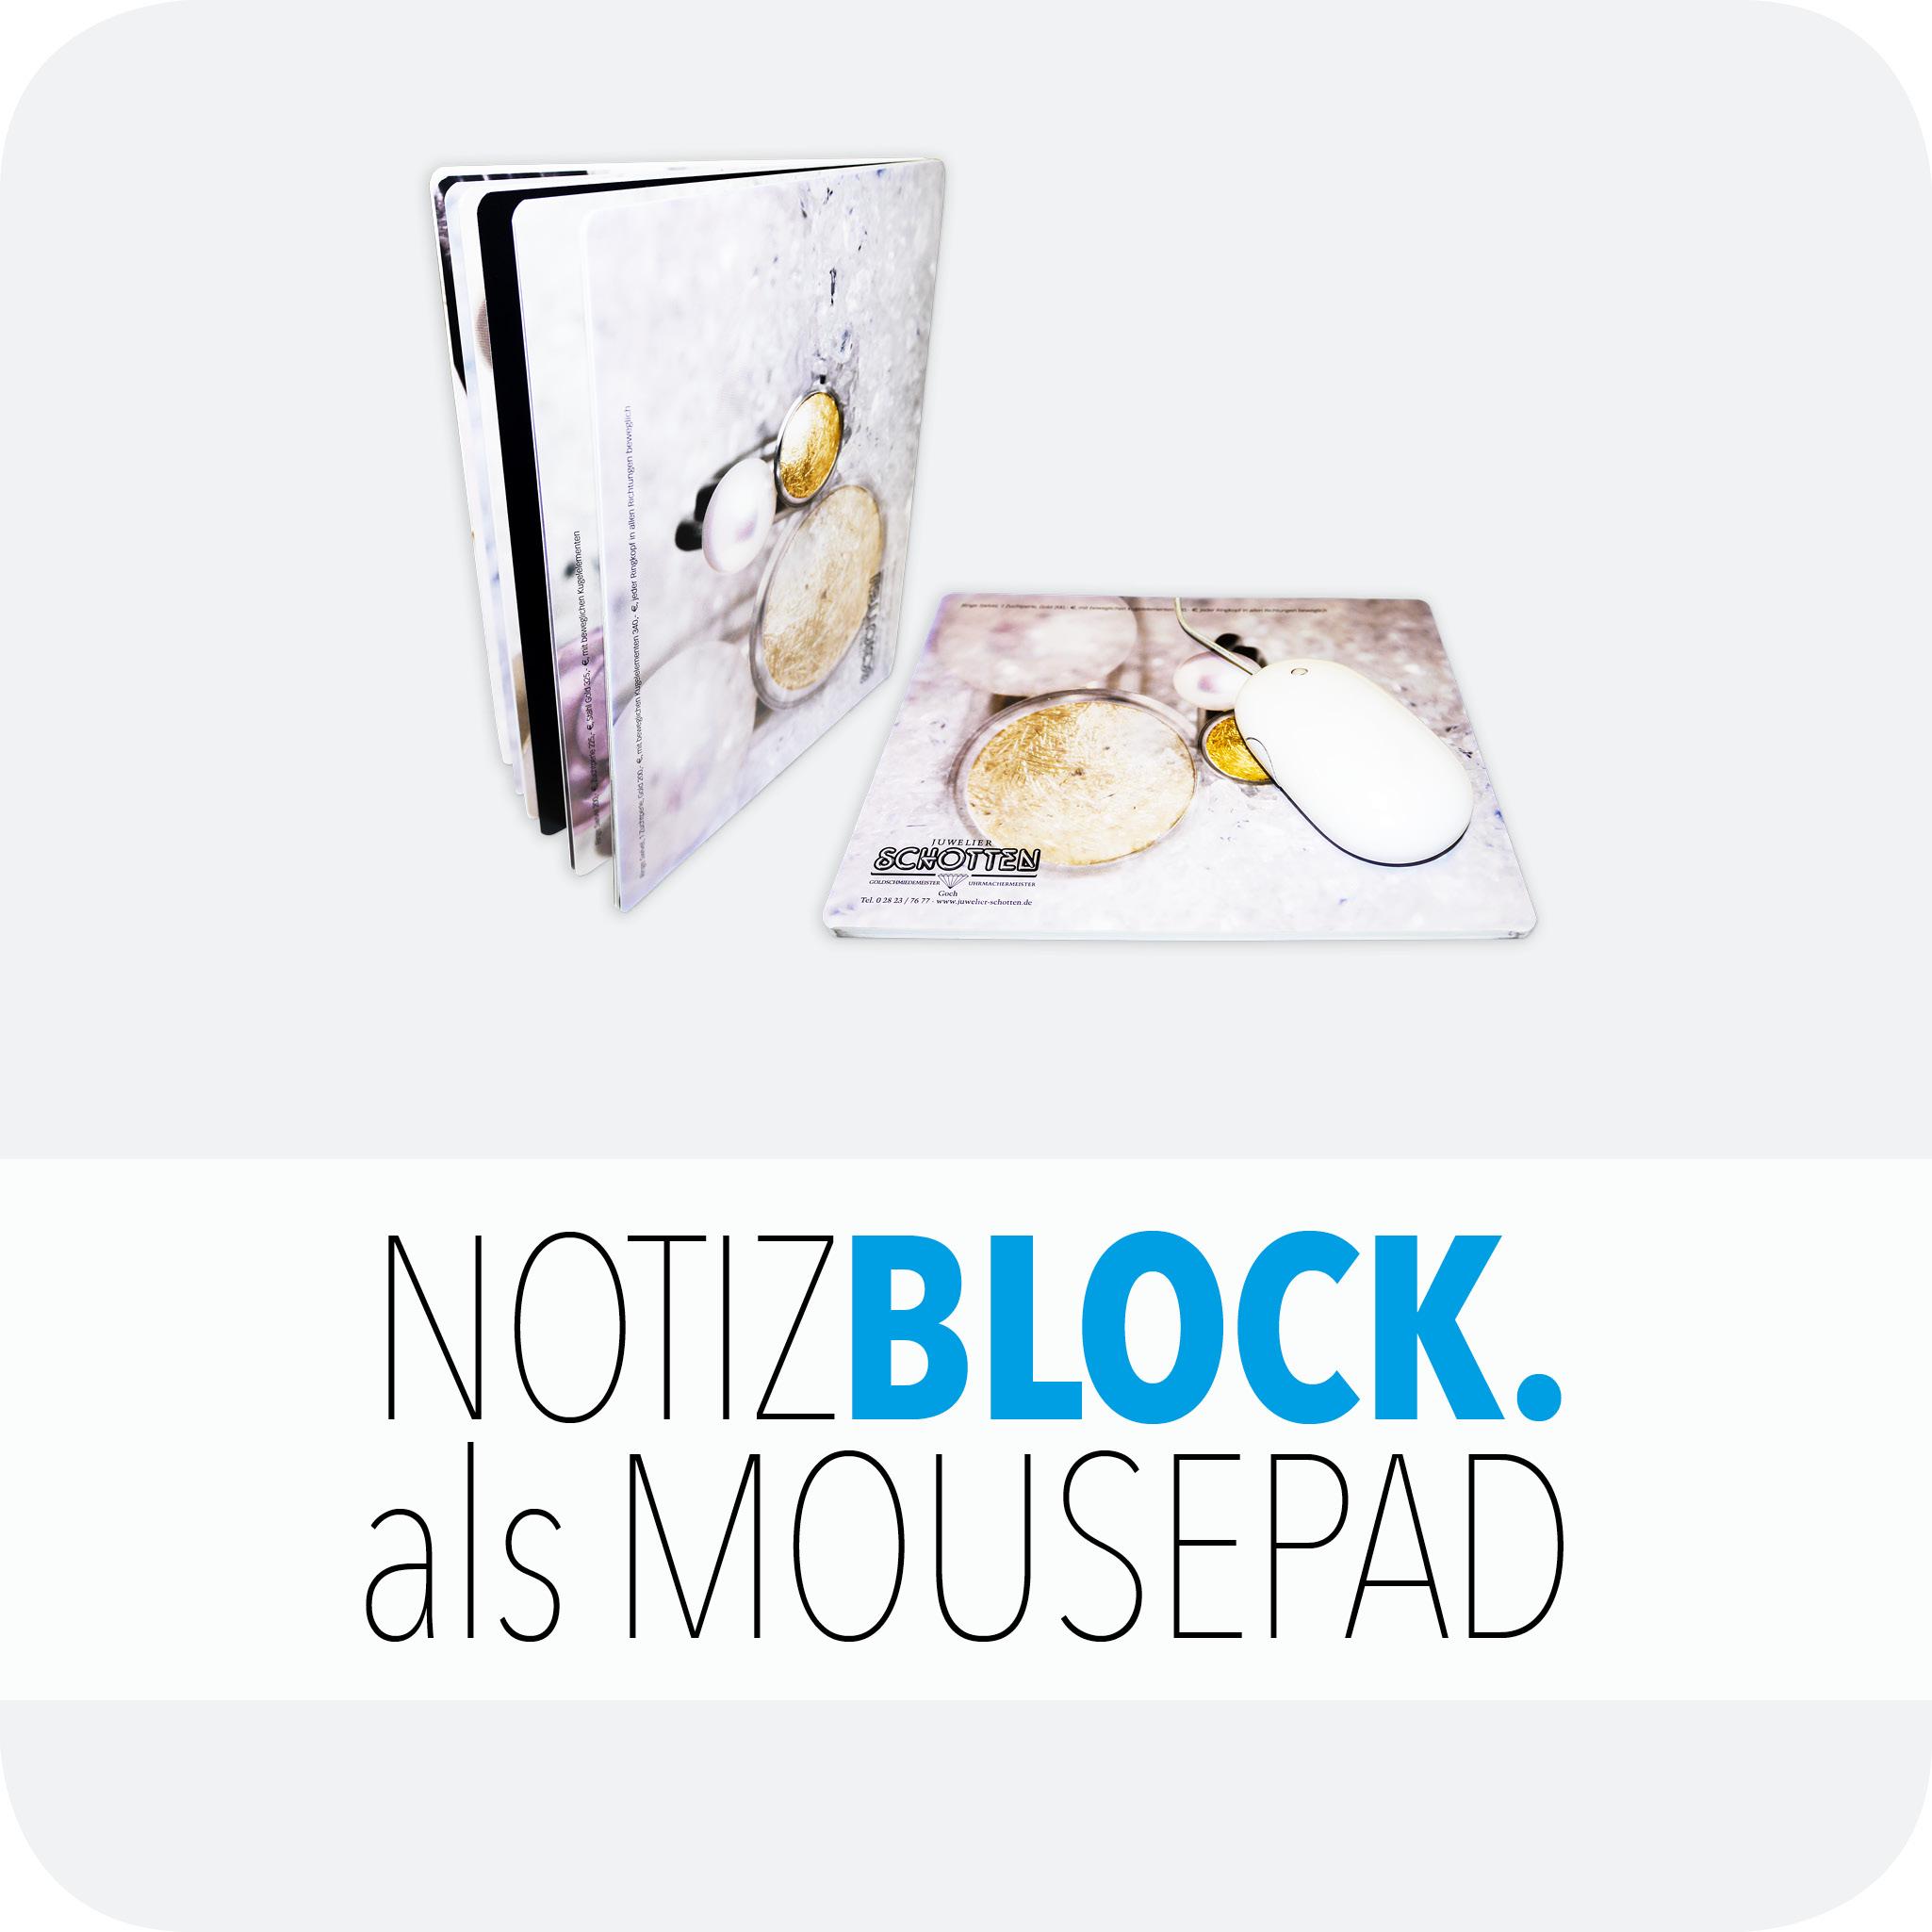 Notizblock als Mousepad